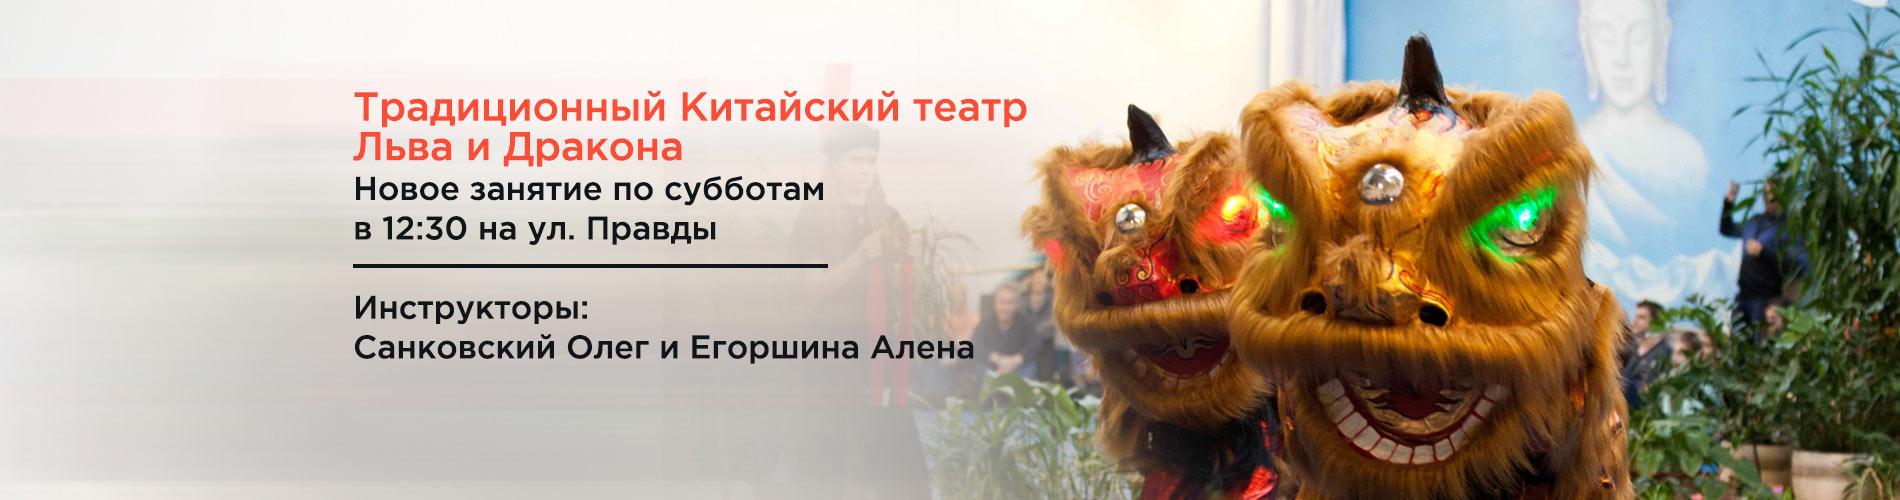 Новое занятие Китайский театр Льва и Дракона